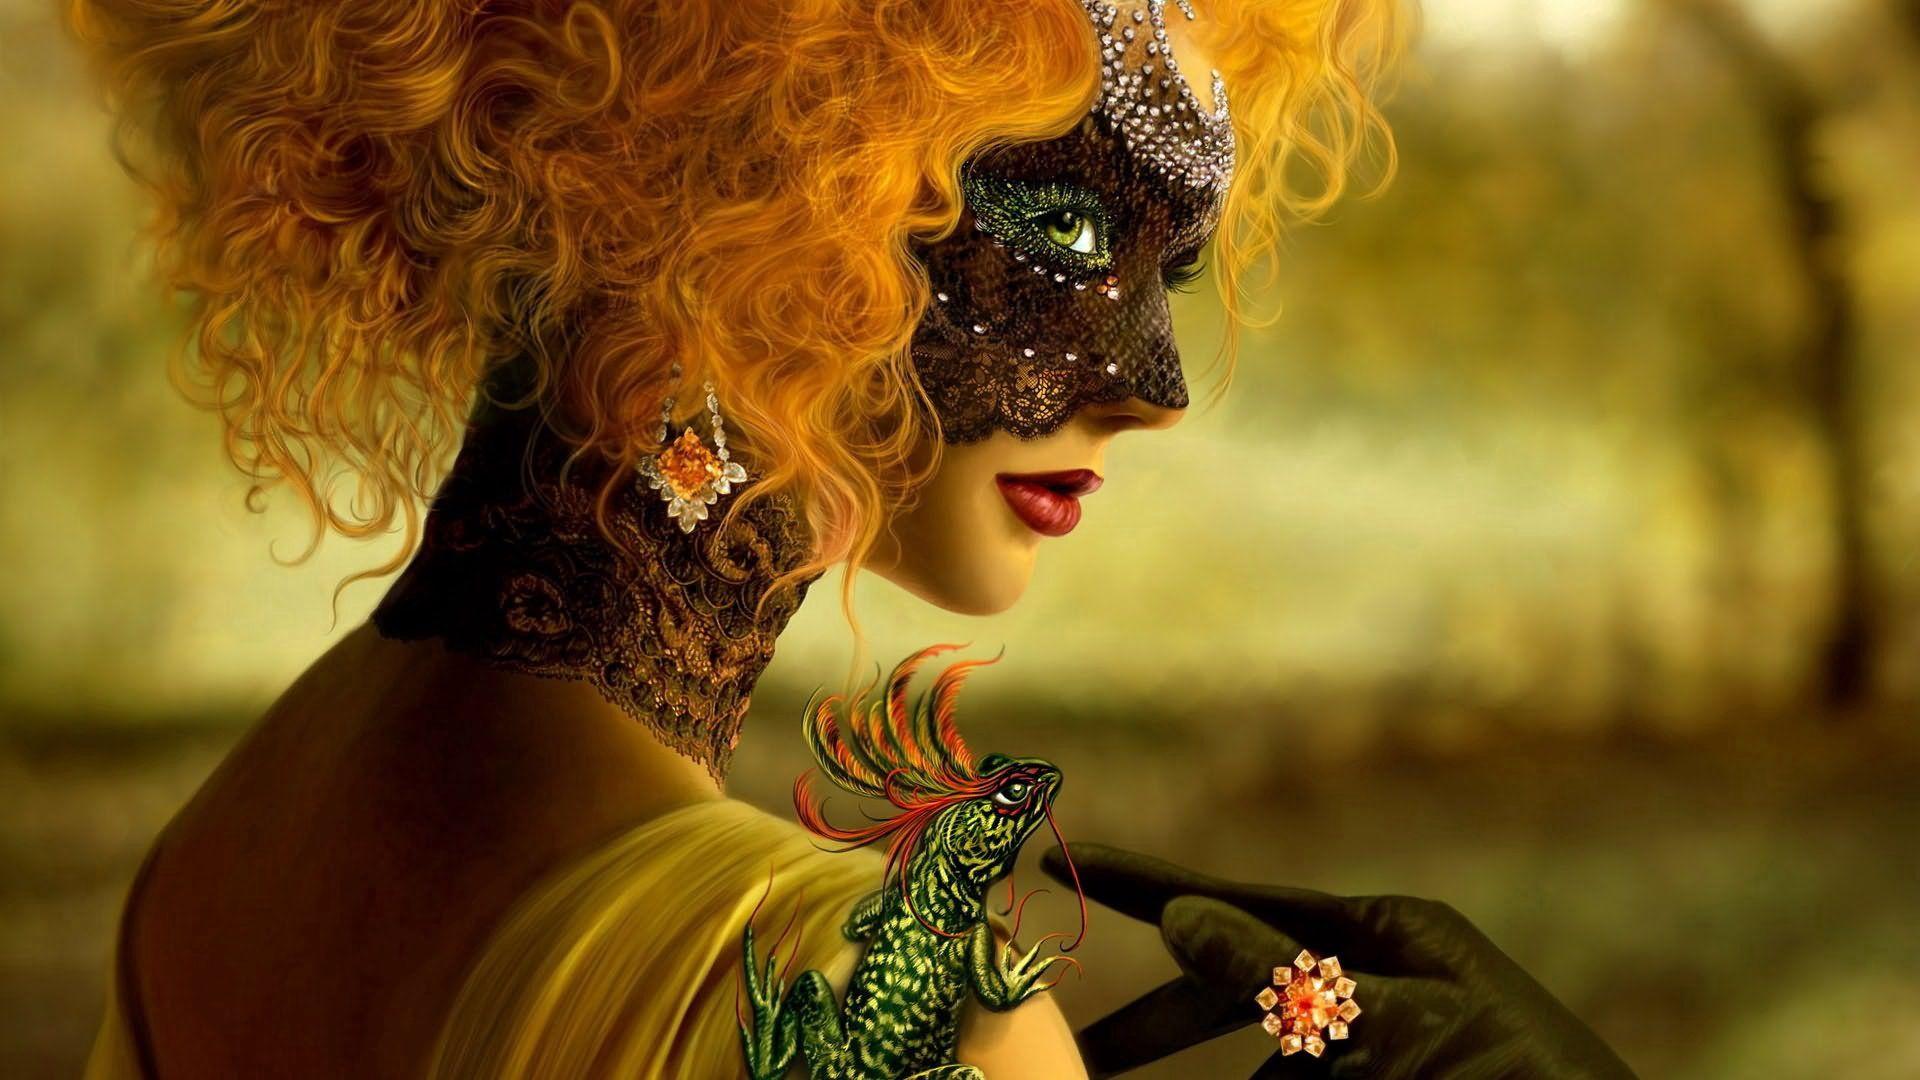 63822 Hintergrundbild herunterladen Fantasie, Mädchen, Maske, Bilden, Maskerade, Make-Up - Bildschirmschoner und Bilder kostenlos